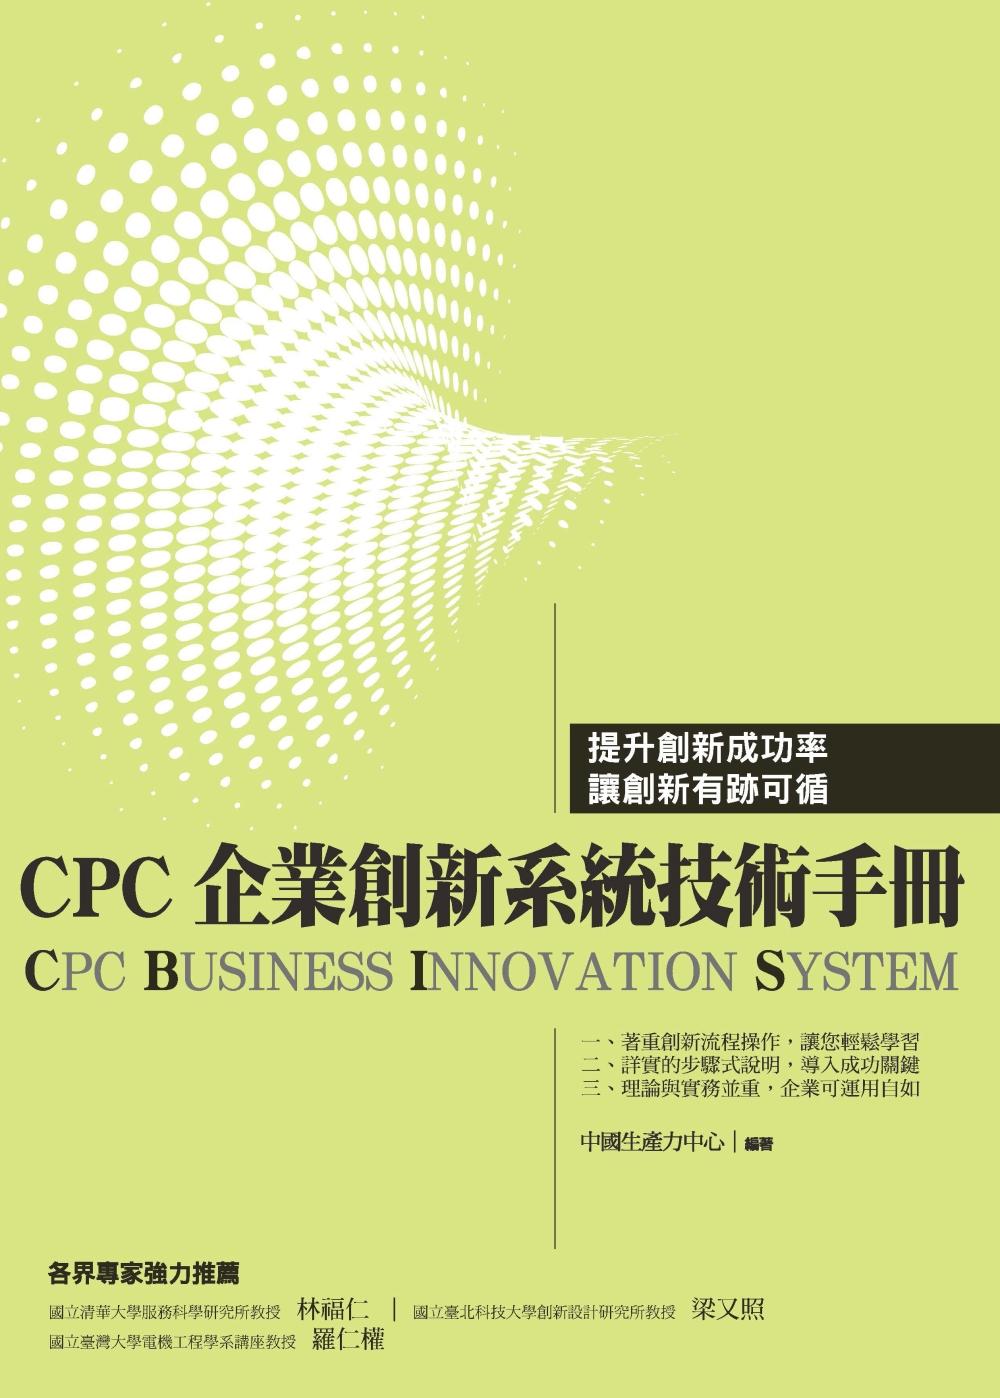 CPC企業創新系統技術手冊(CBIS)